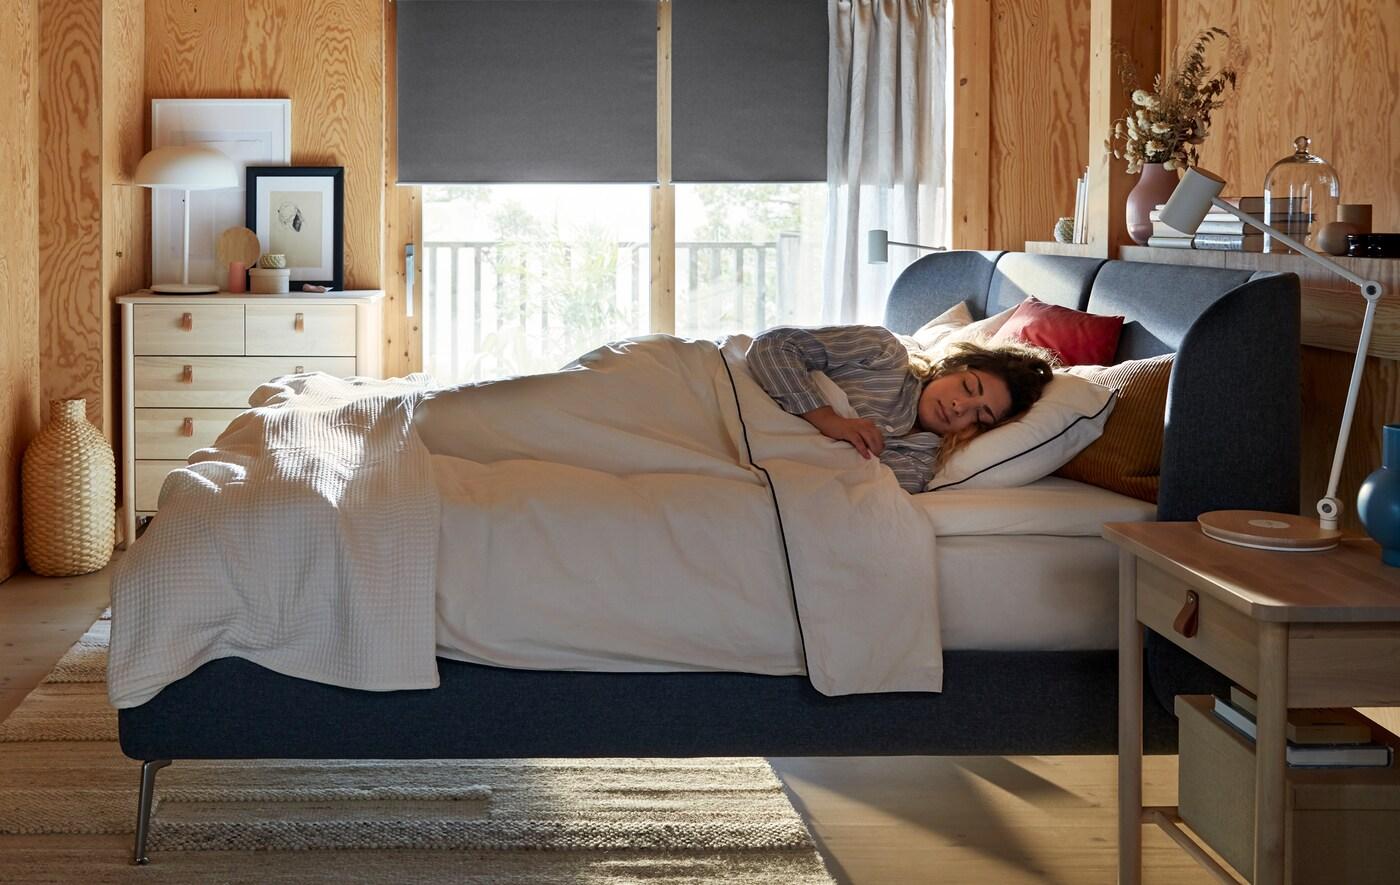 Egy nő egy kék TUFJORD ágyban alszik, miközben a fény az ablakán át áramlik a szobájában.